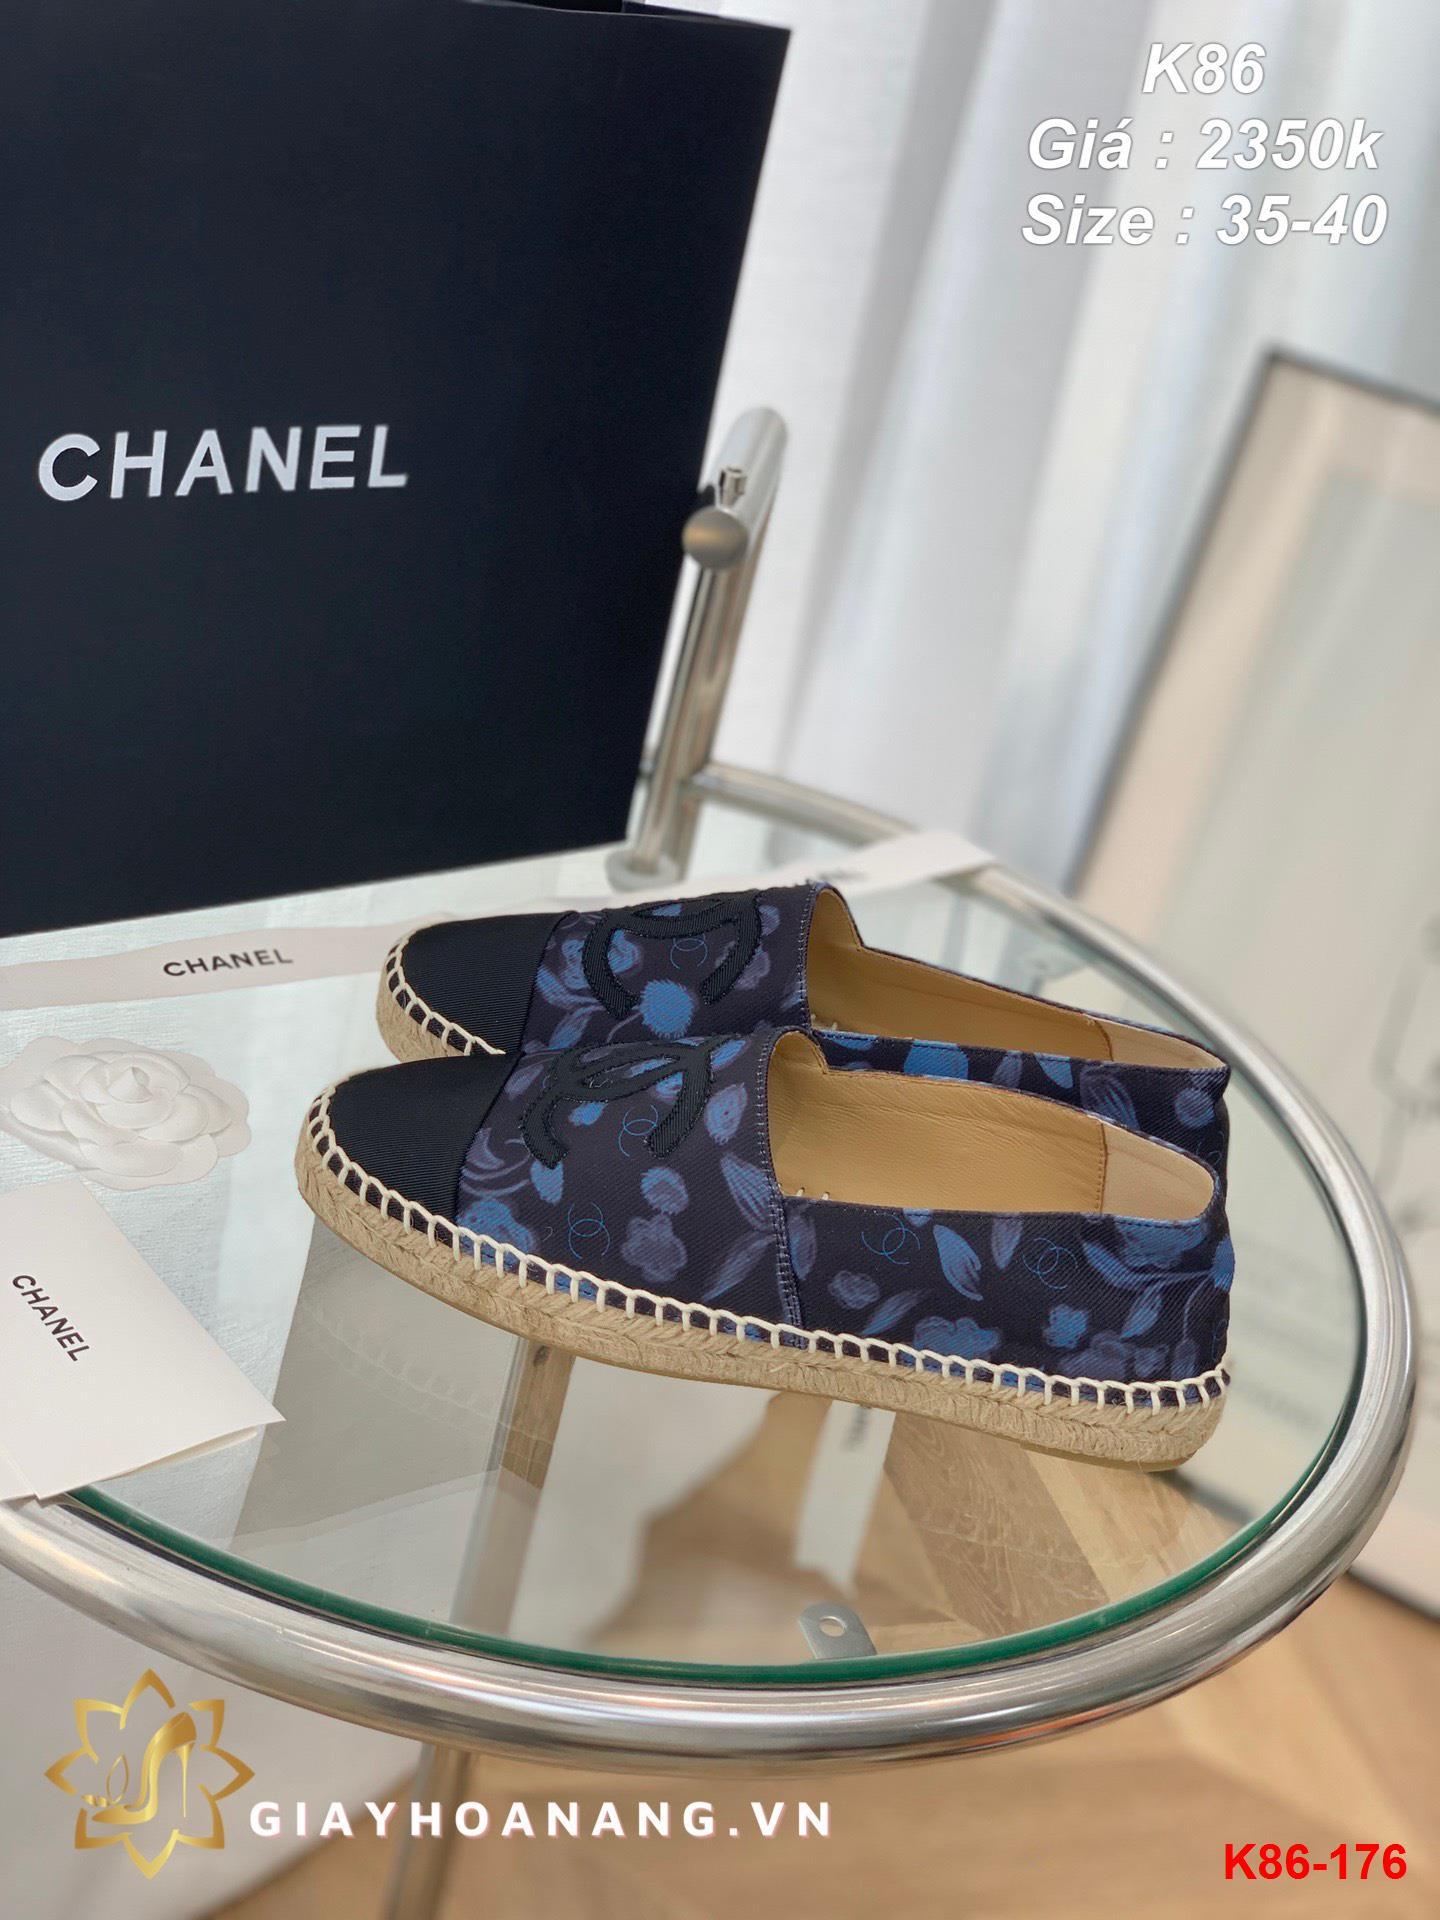 K86-176 Chanel giày lười siêu cấp